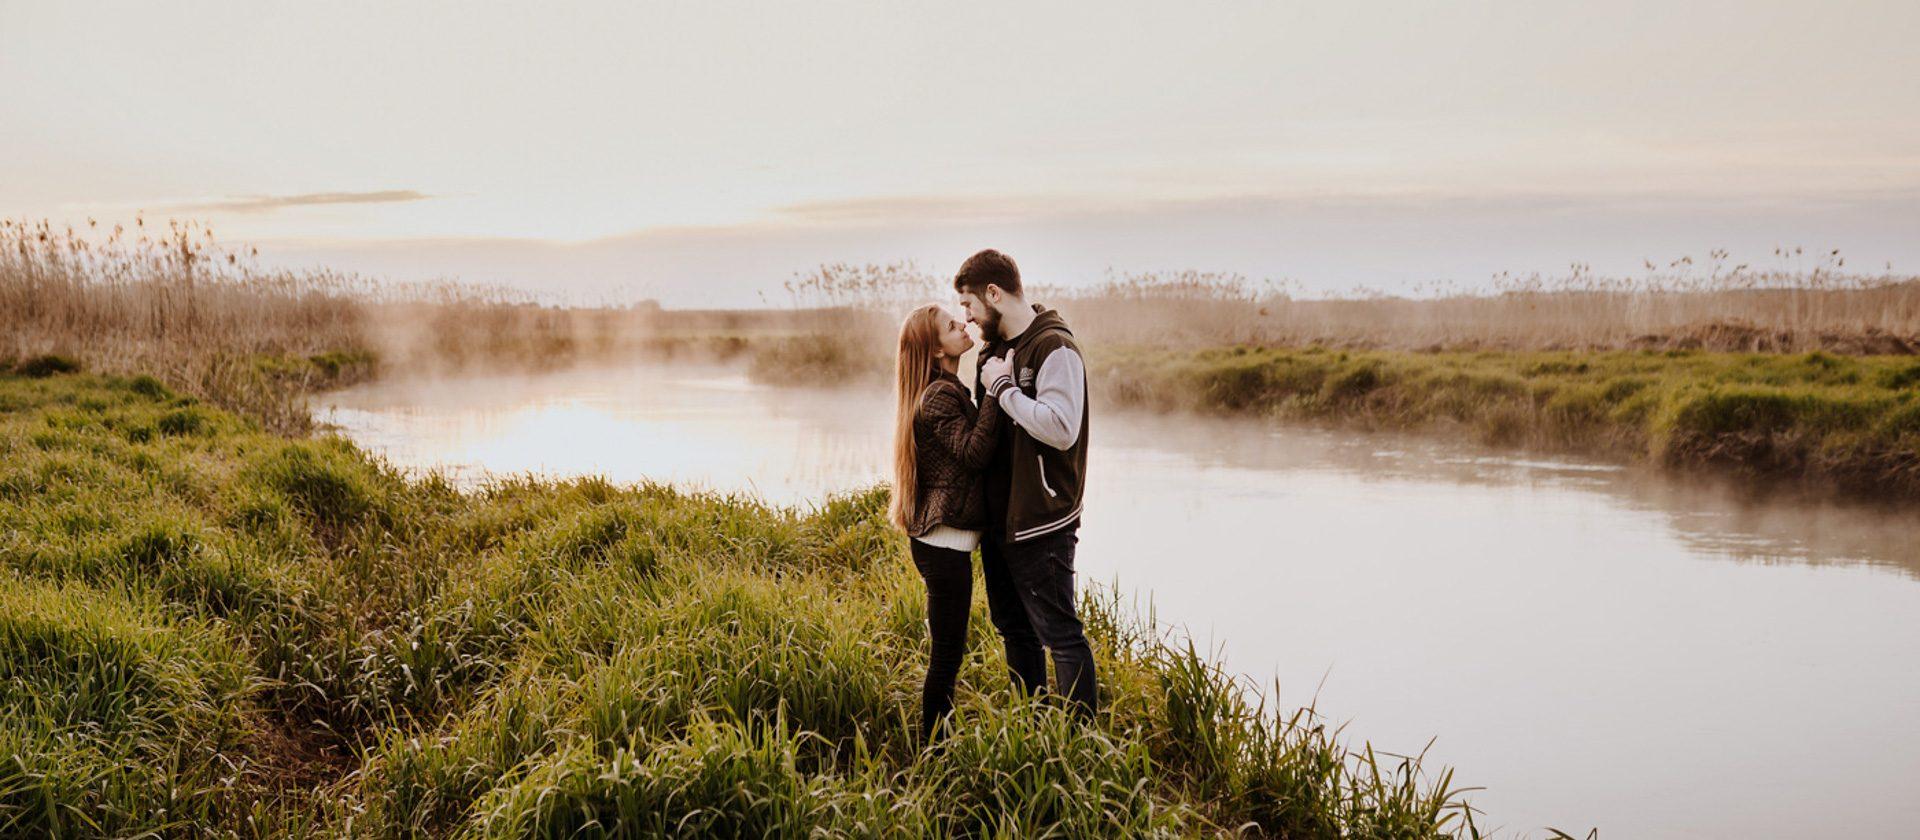 Sesja narzeczeńska o wschodzie słońca – Natalia i Maciej